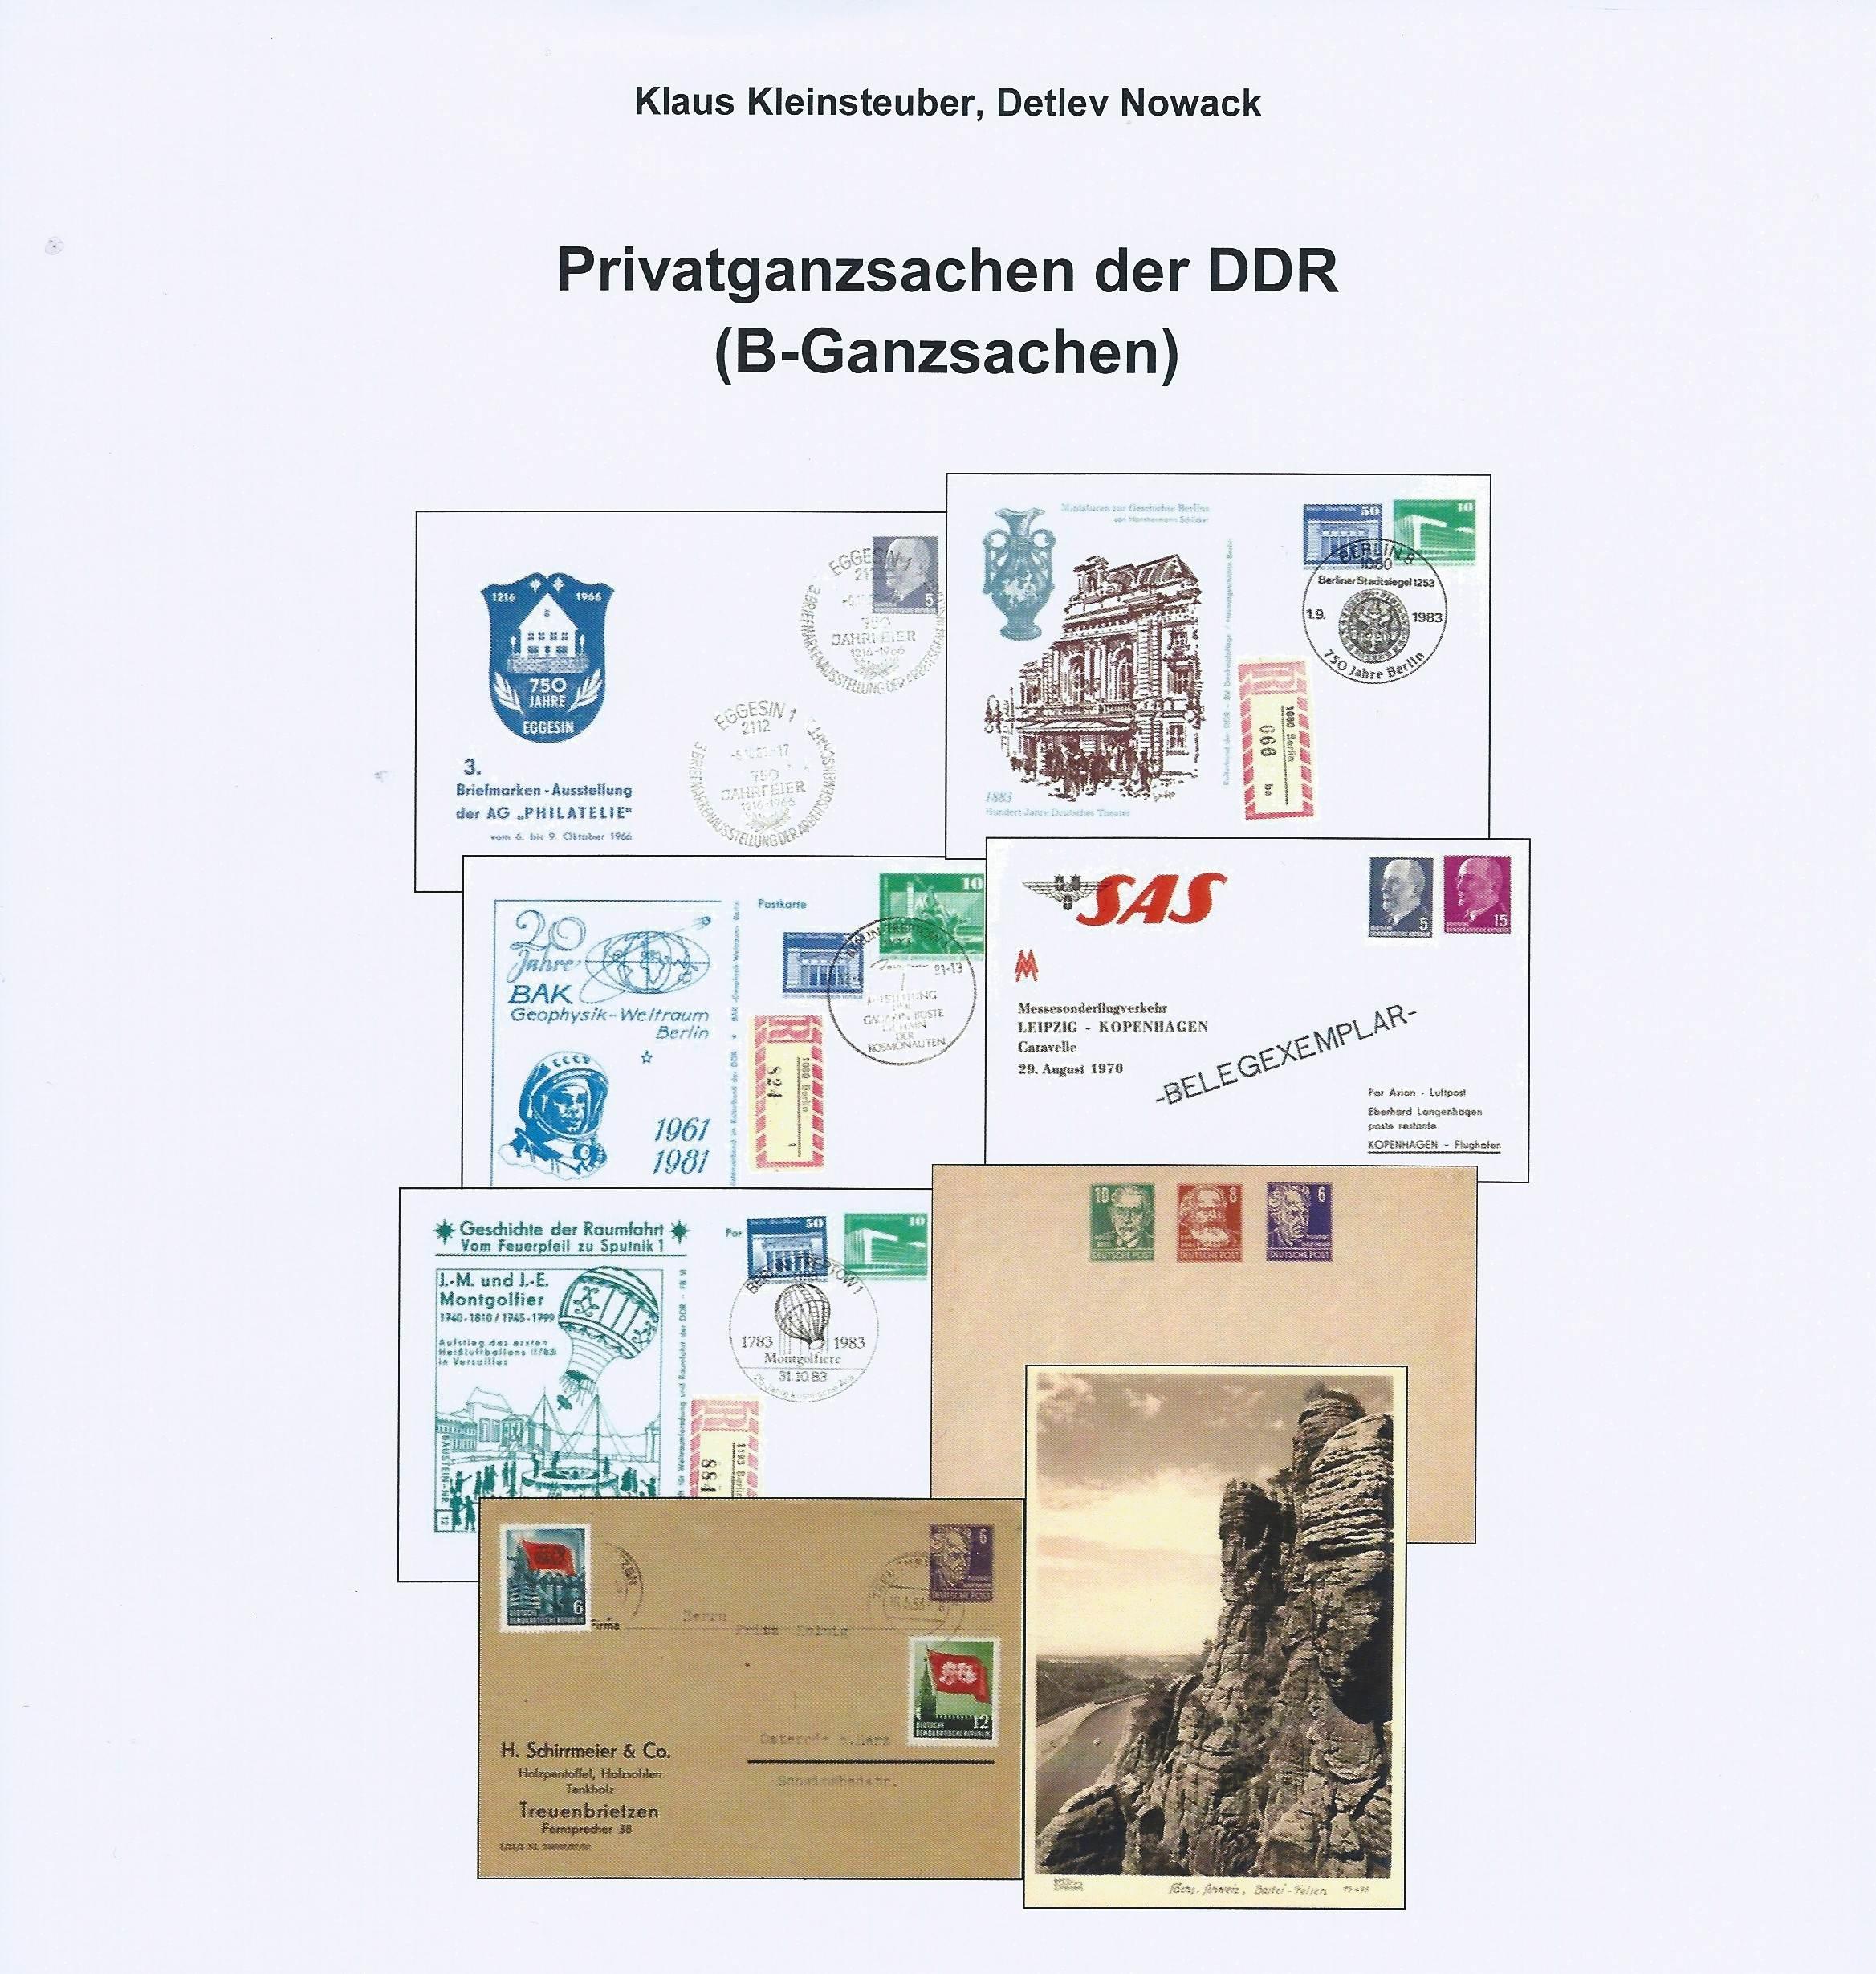 DDR Ganzsachen